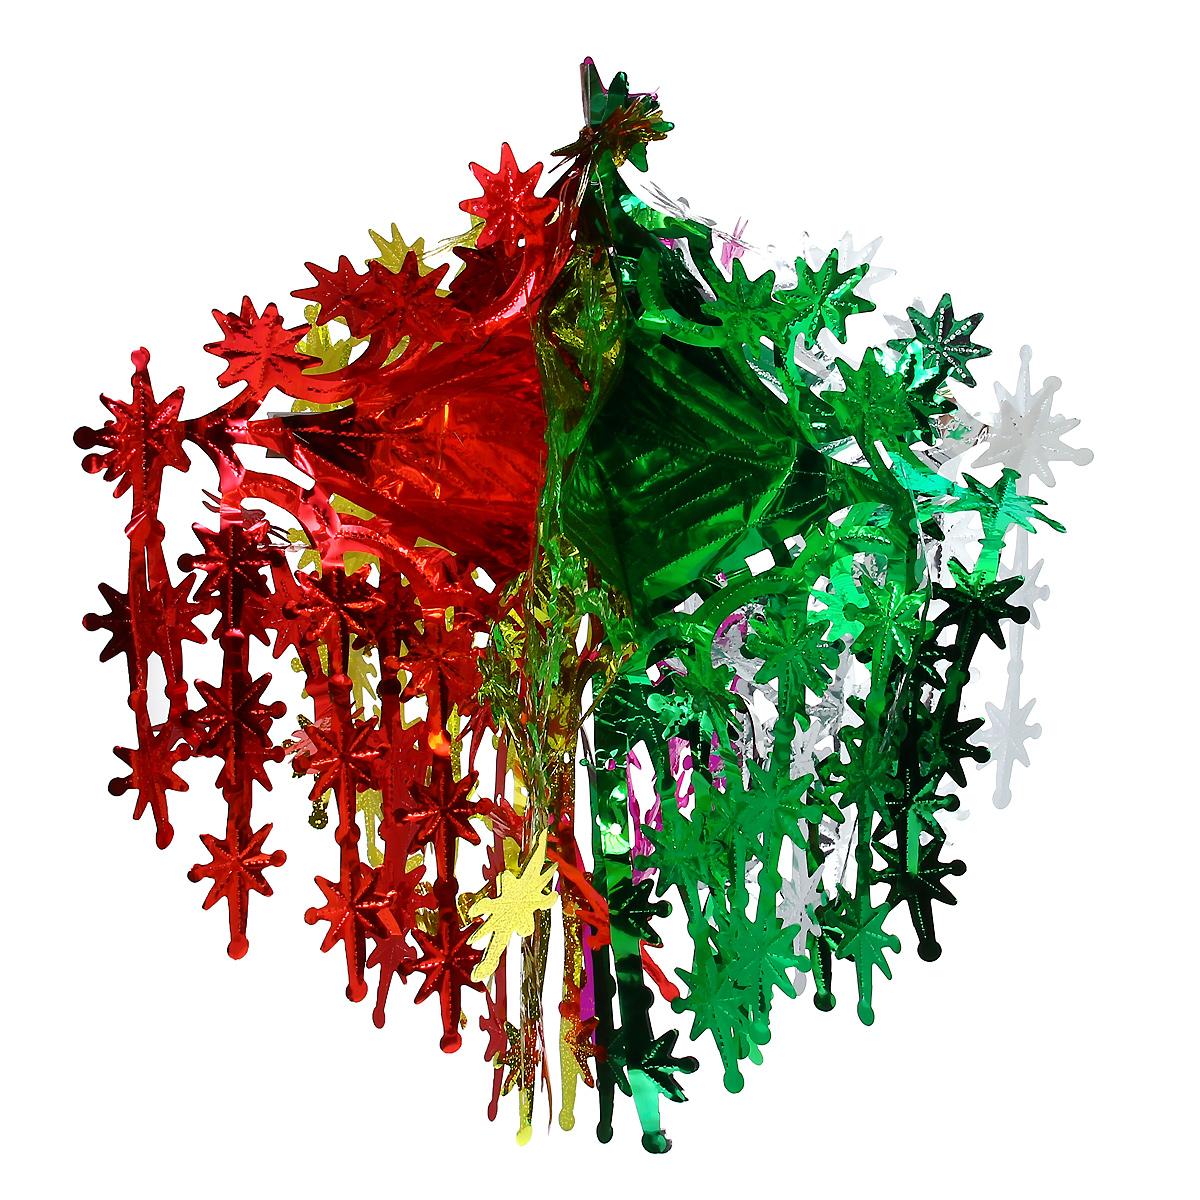 Новогодняя гирлянда Невероятные вензеля, цвет: мульти, 24 х 50 см 3438731806Новогодняя гирлянда прекрасно подойдет для декора дома или офиса. Украшение выполнено из разноцветной металлизированной фольги. С помощью специальных петелек гирлянду можно повесить в любом понравившемся вам месте. Украшение легко складывается и раскладывается. Новогодние украшения несут в себе волшебство и красоту праздника. Они помогут вам украсить дом к предстоящим праздникам и оживить интерьер по вашему вкусу. Создайте в доме атмосферу тепла, веселья и радости, украшая его всей семьей.